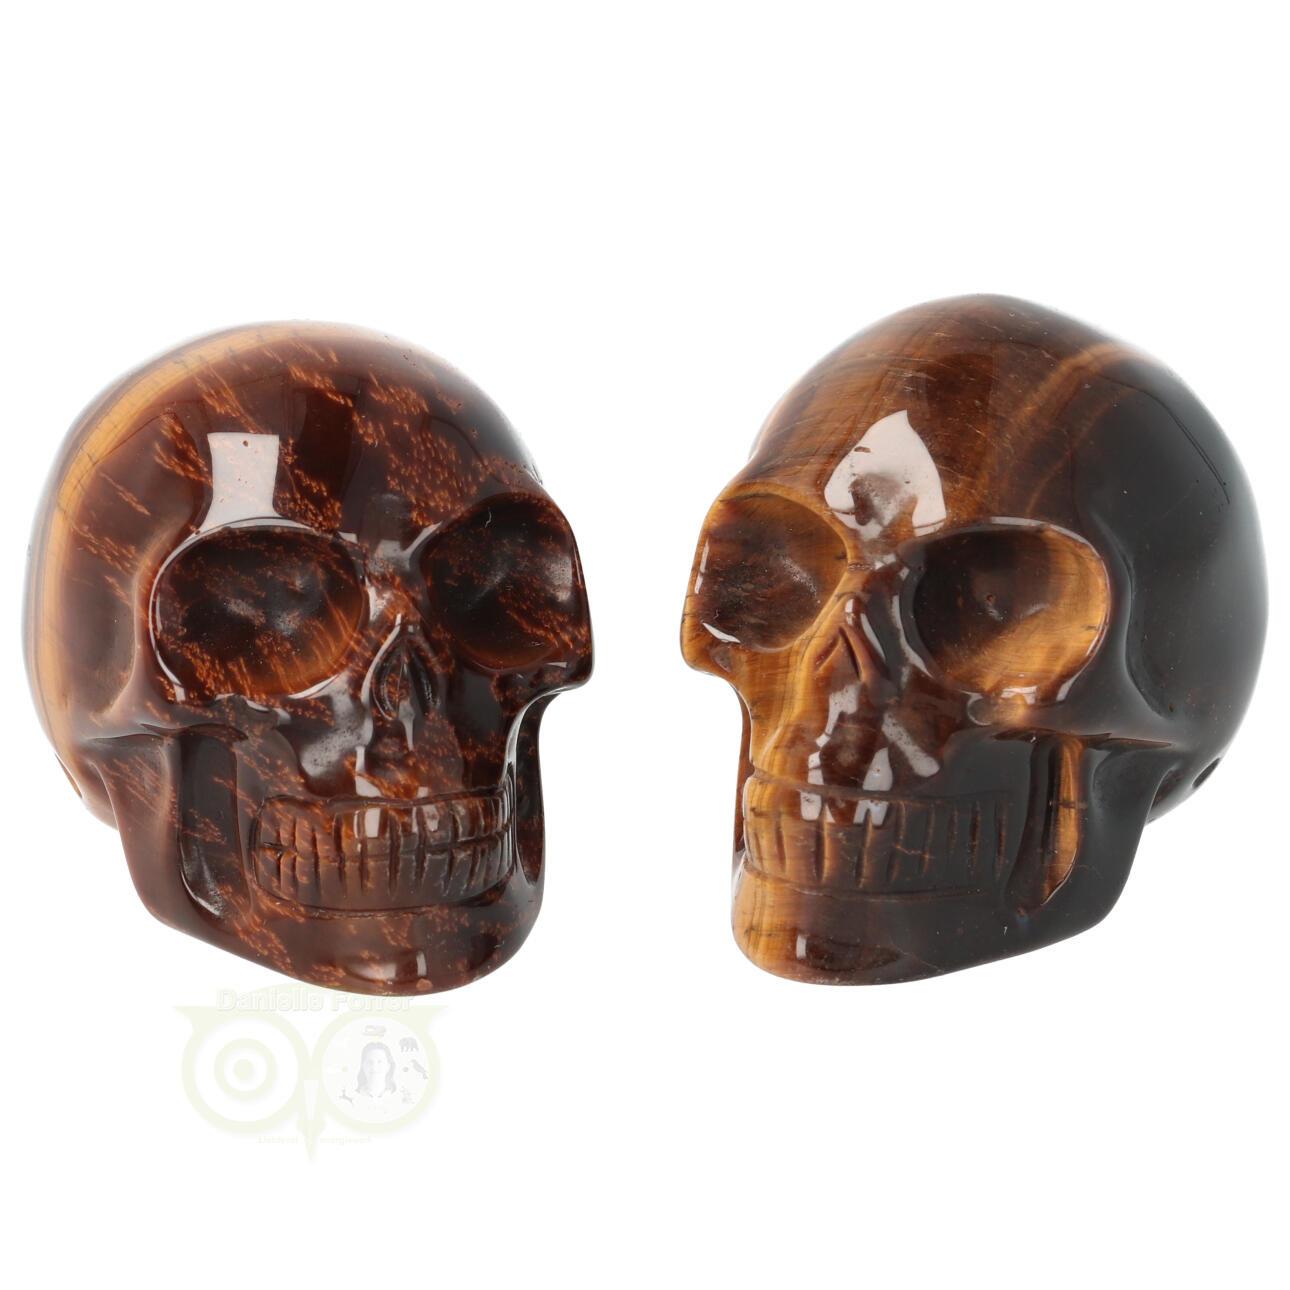 Tijgeroog kristallen schedel - Tijgeroog kleine schedels kopen | Edelstenen Webwinkel - Webshop Danielle Forrer